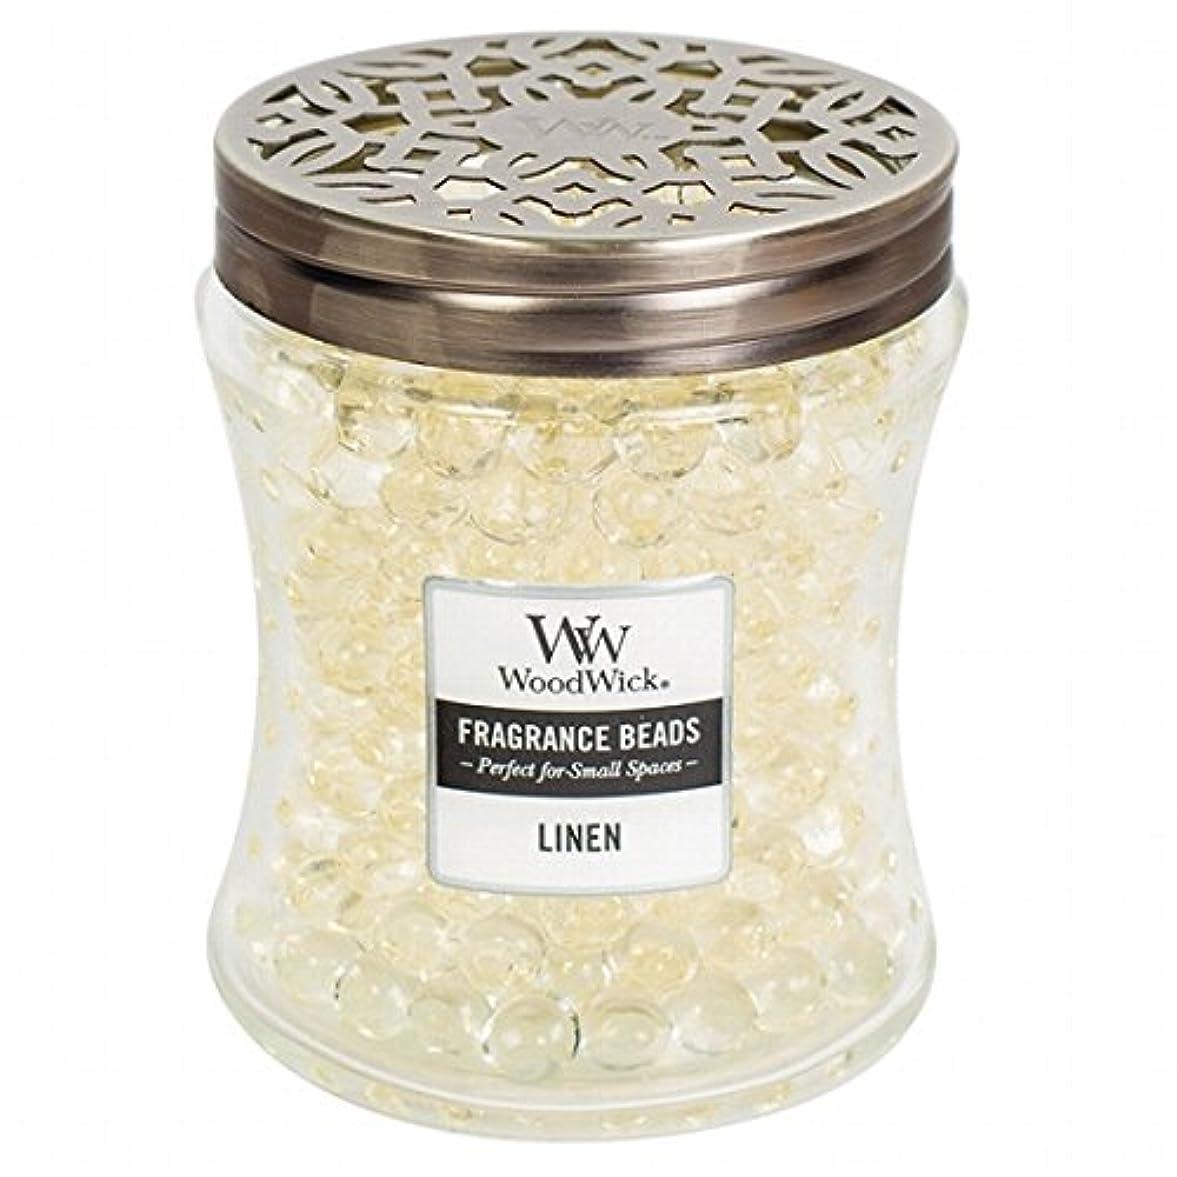 遺跡のり霜WoodWick(ウッドウィック) Wood Wickフレグランスビーズ 「 リネン 」W9620512(W9620512)